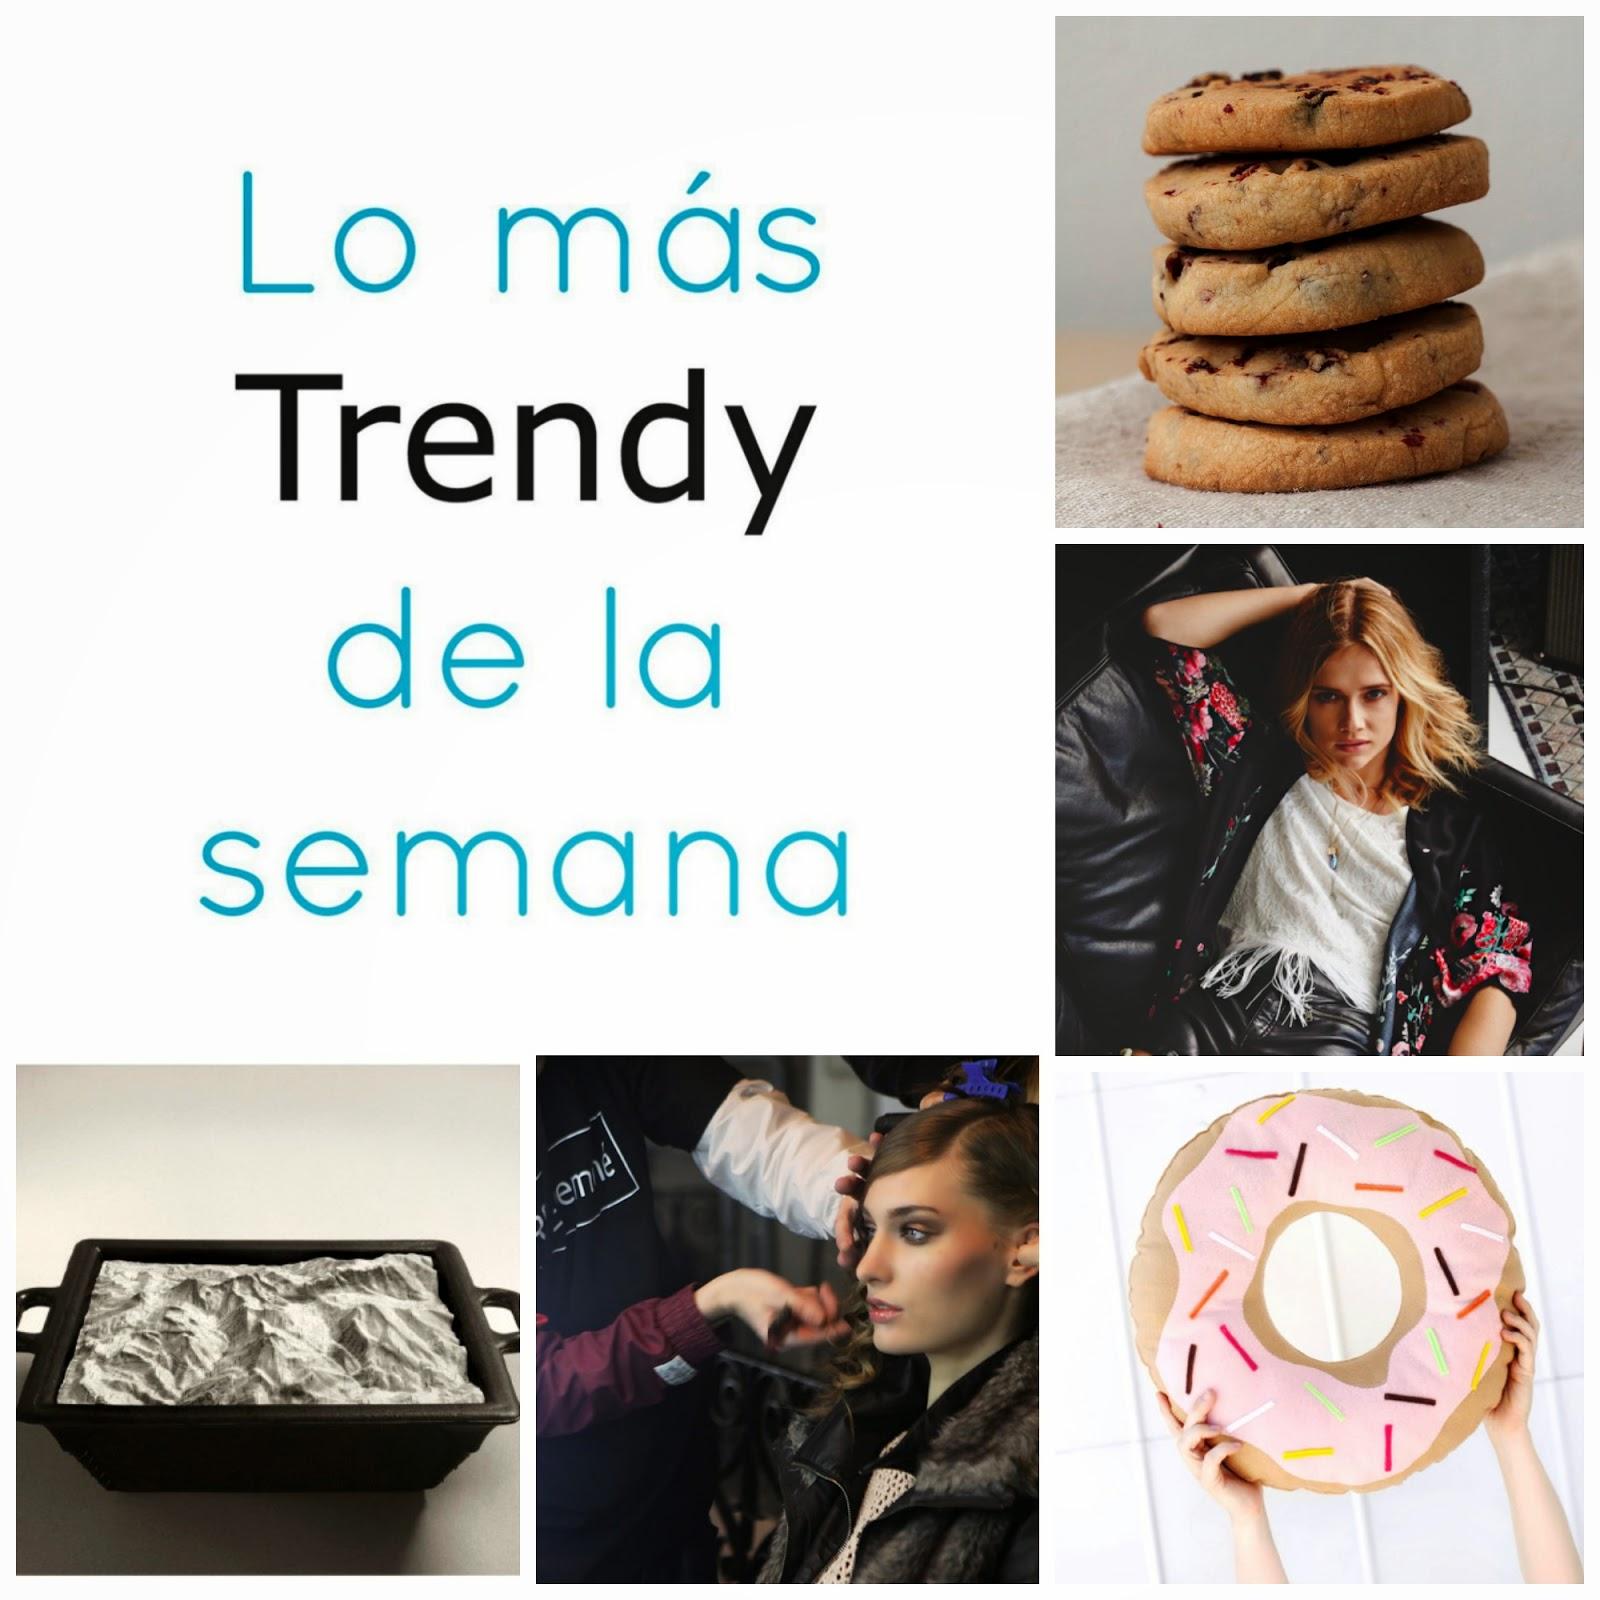 Lo más trendy de la semana recomendaciones planes Madrid fin de semana tendencia moda dyi ideas